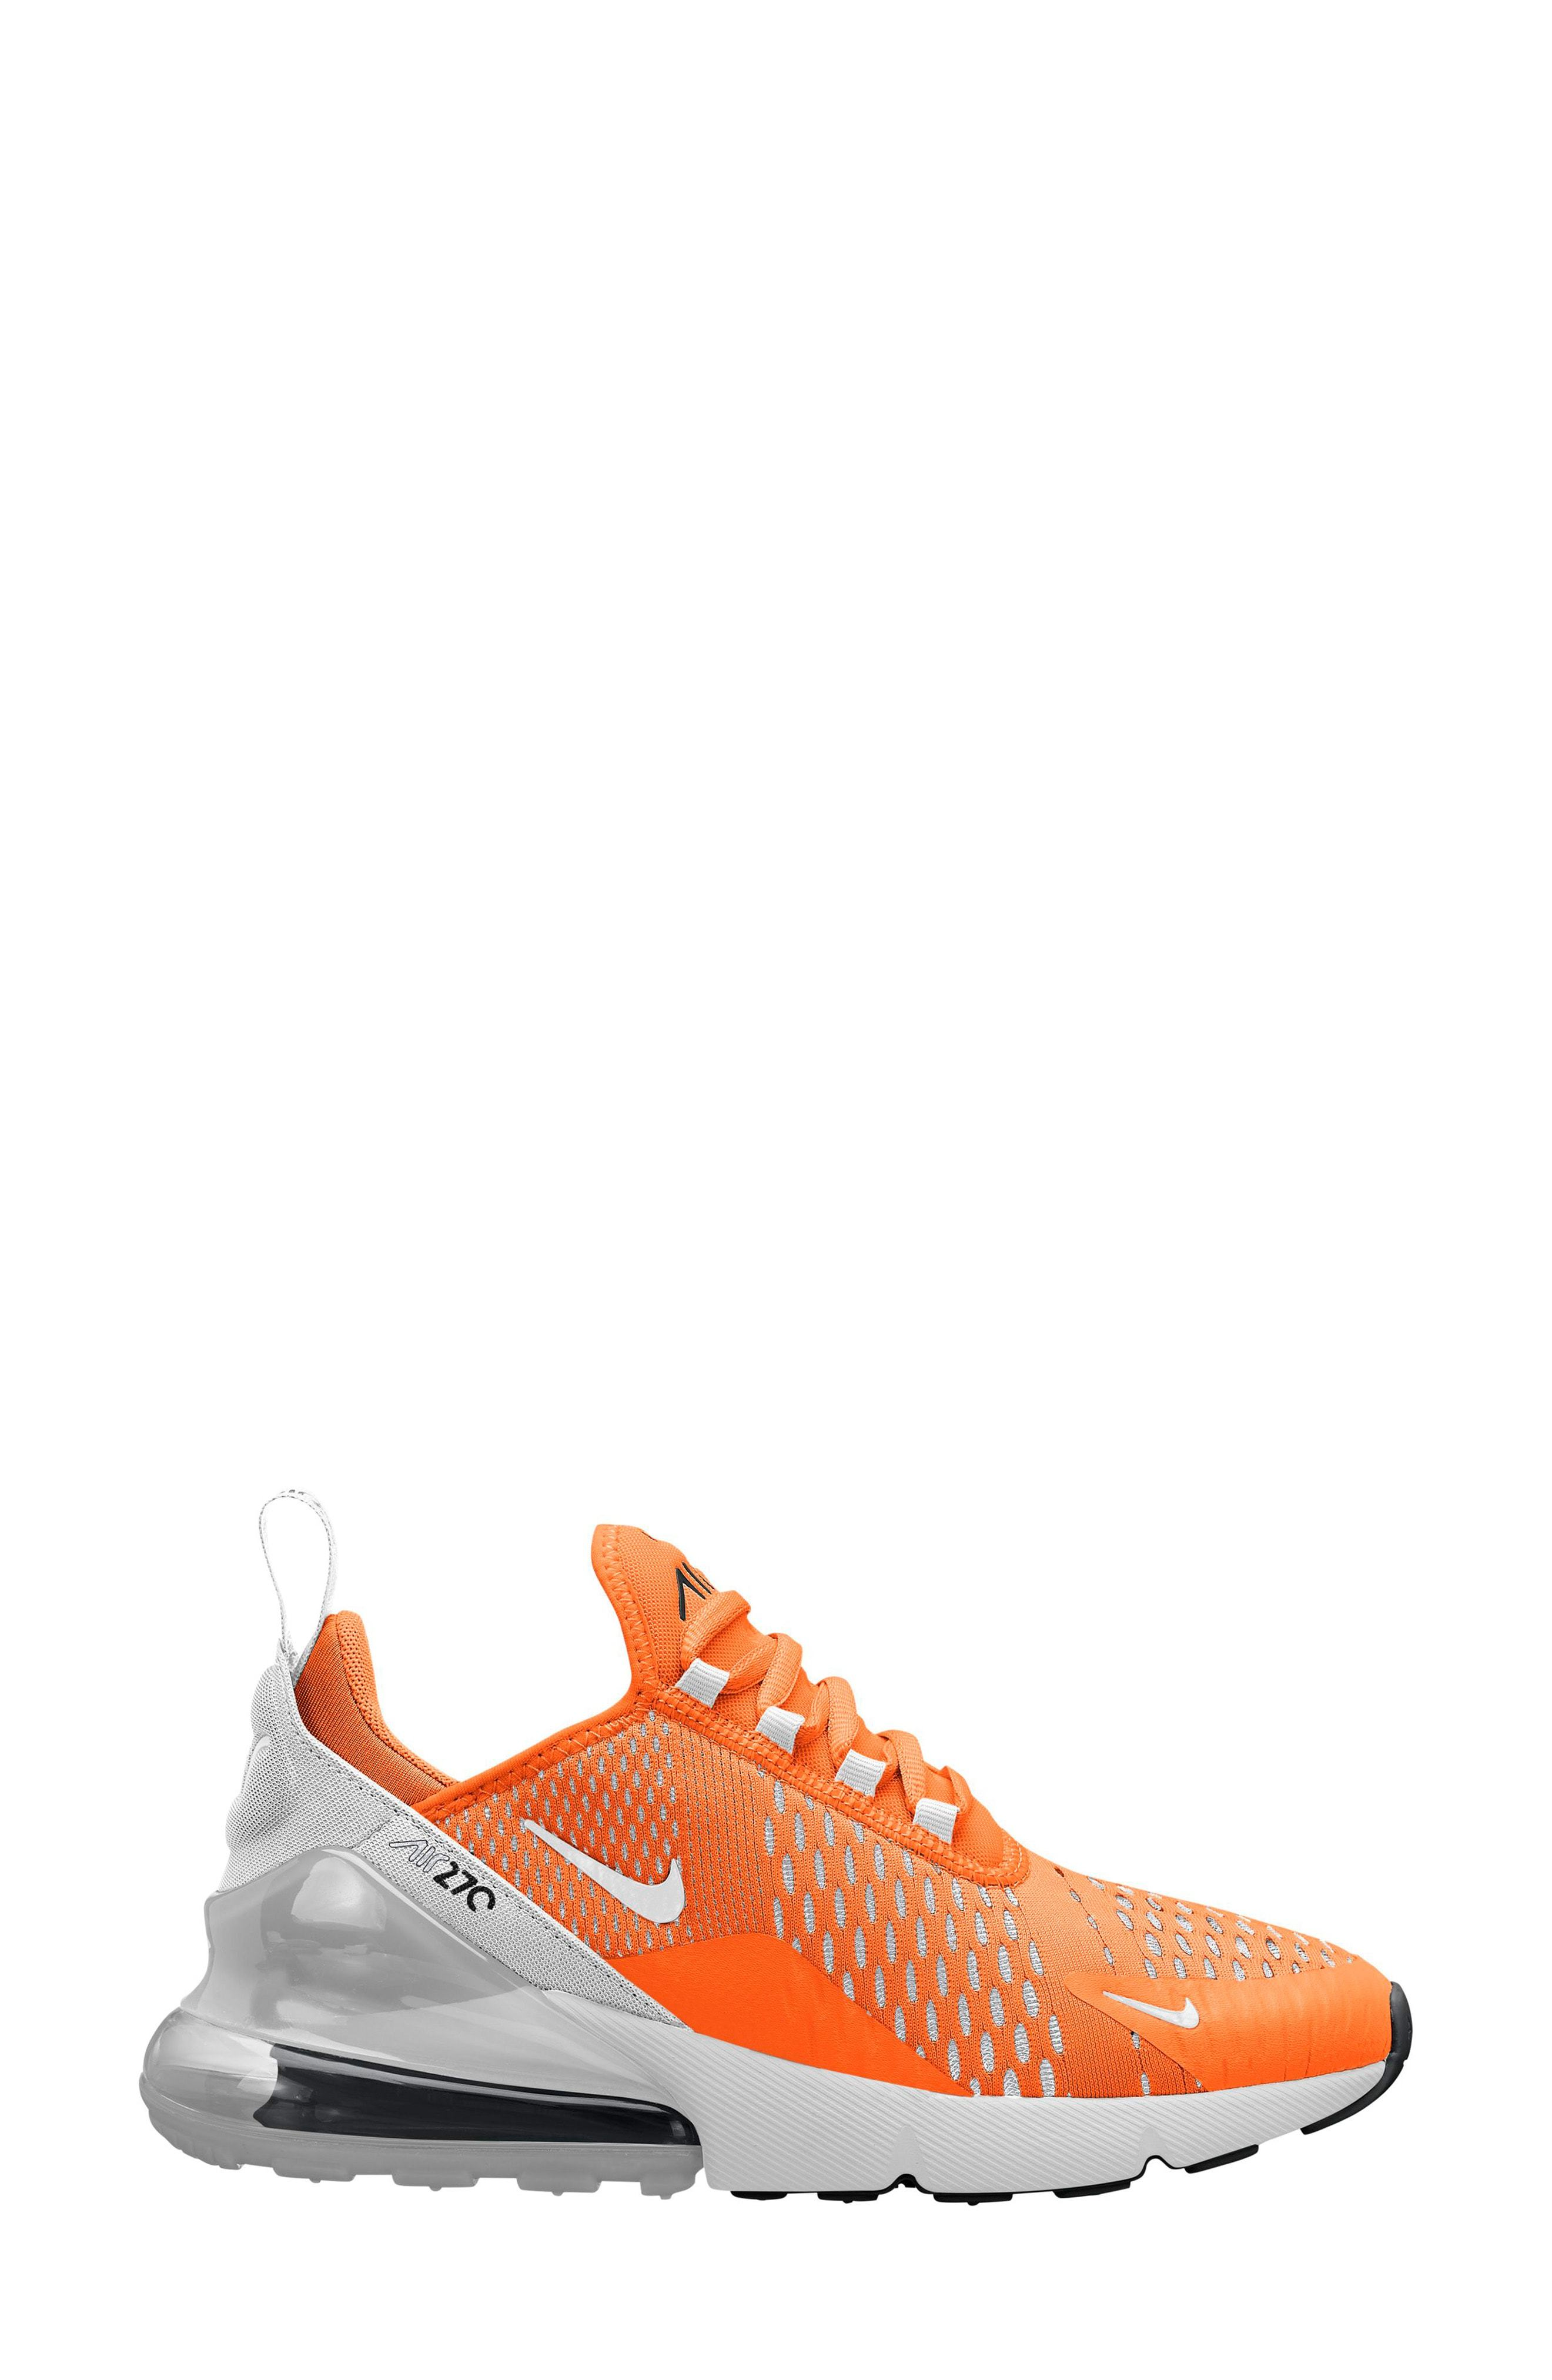 premium selection 27875 67fcc ... Nike Air Max 270 Sneaker